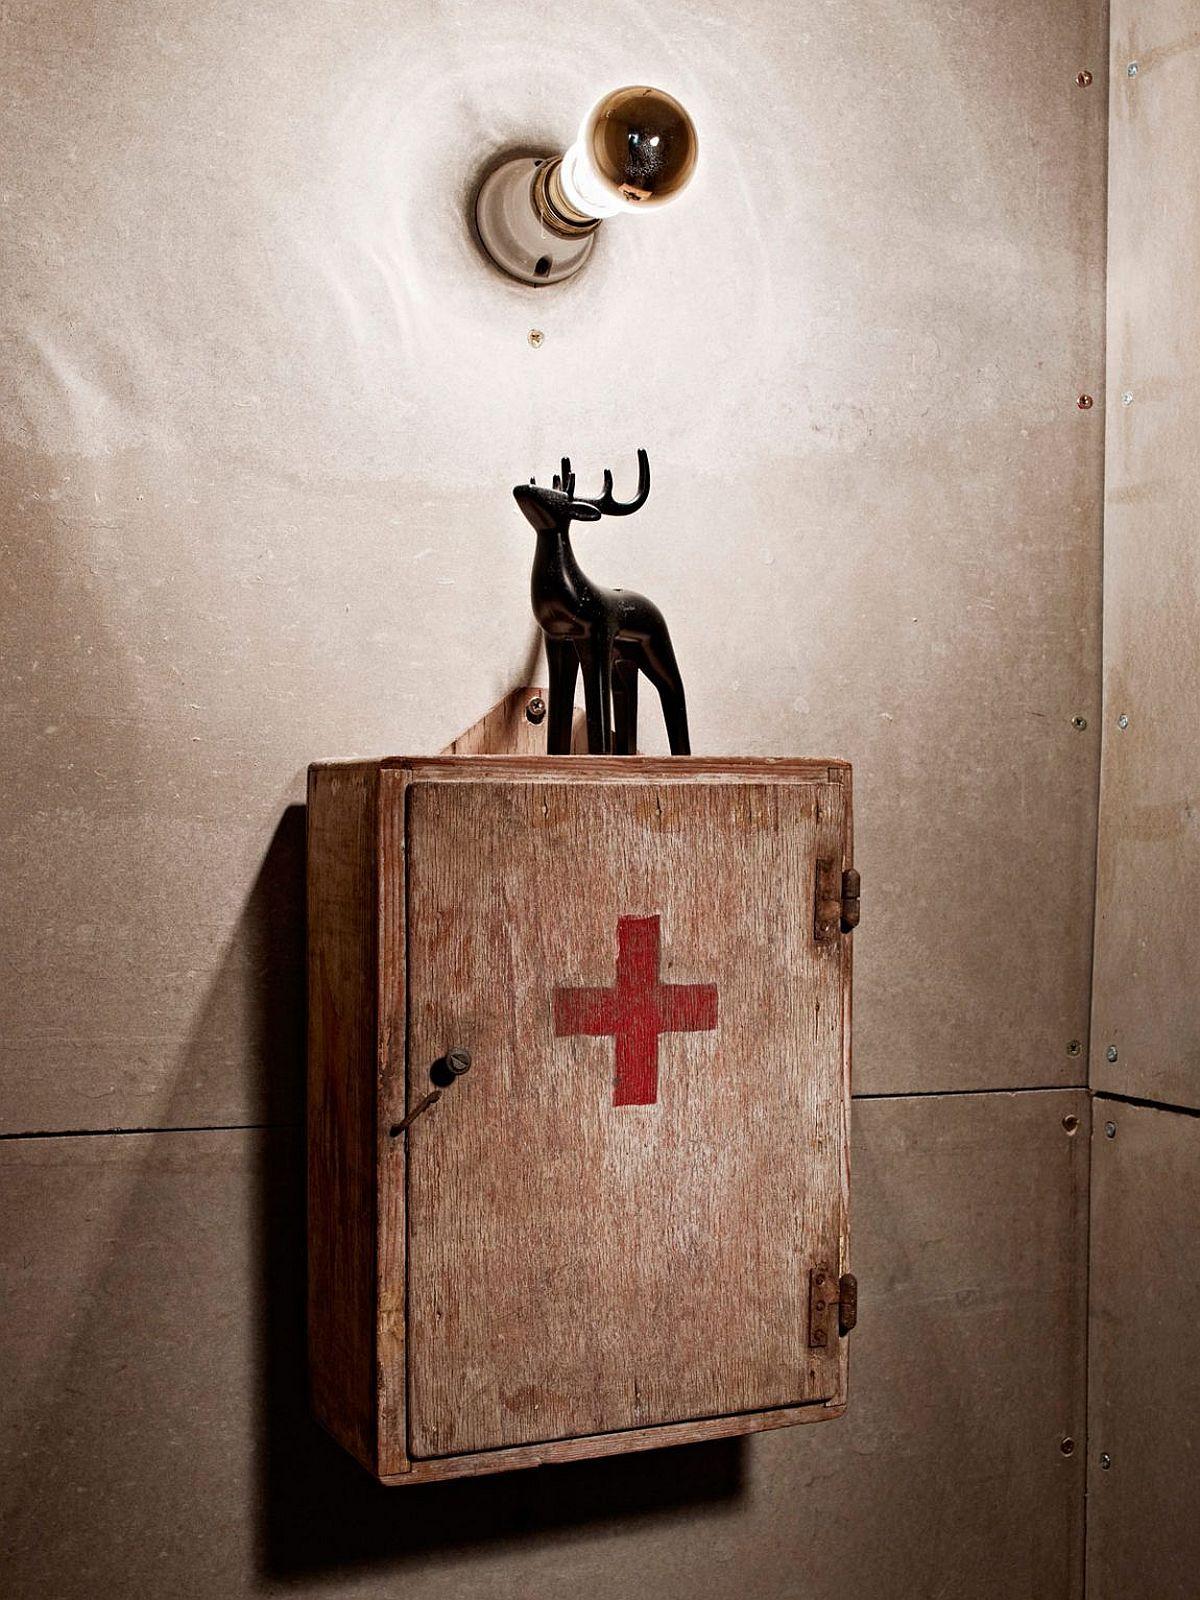 Студия старого художника превратилась в крошечный Лофт в Будапеште